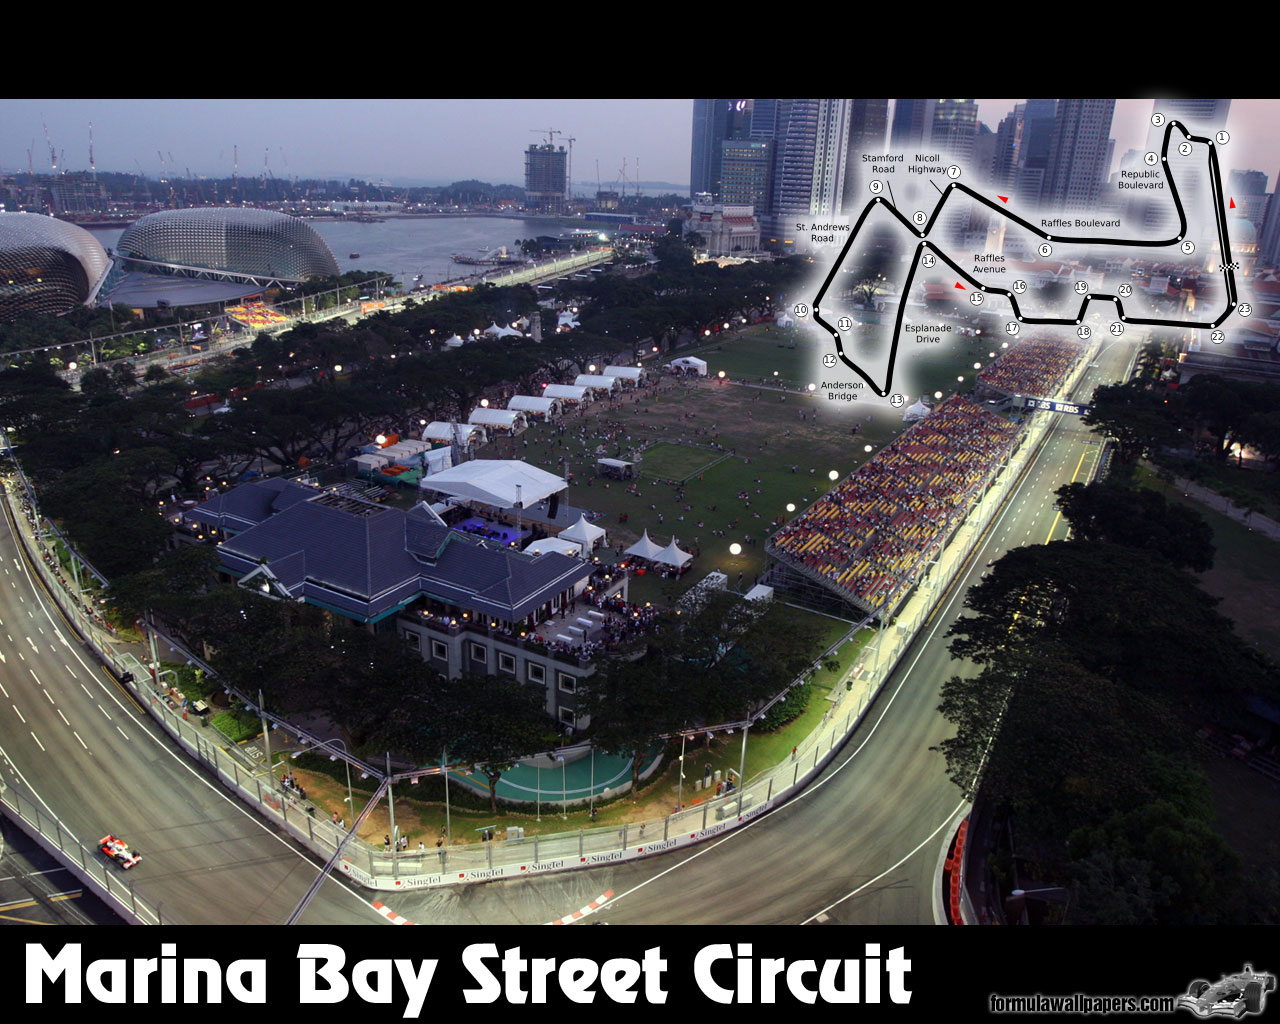 http://3.bp.blogspot.com/-h8yEUx807Os/TneQevEEbmI/AAAAAAAADDo/d4_KdYKFmWs/s1600/marina_bay_street_circuit_wallpaper.jpg